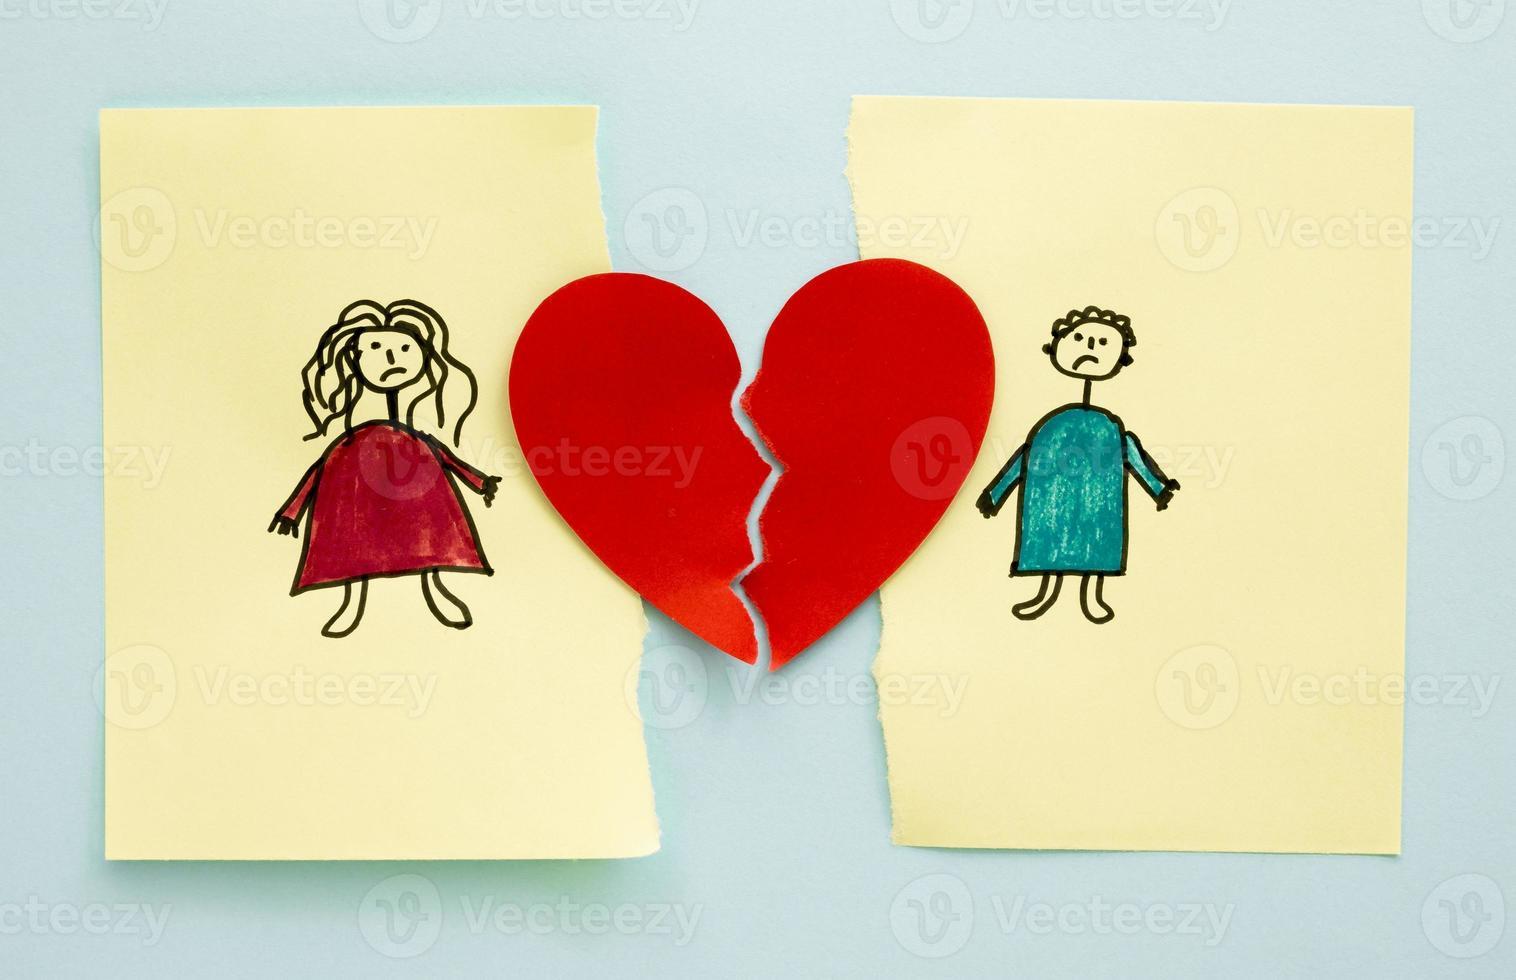 dessin de famille montrant la séparation, le concept photo